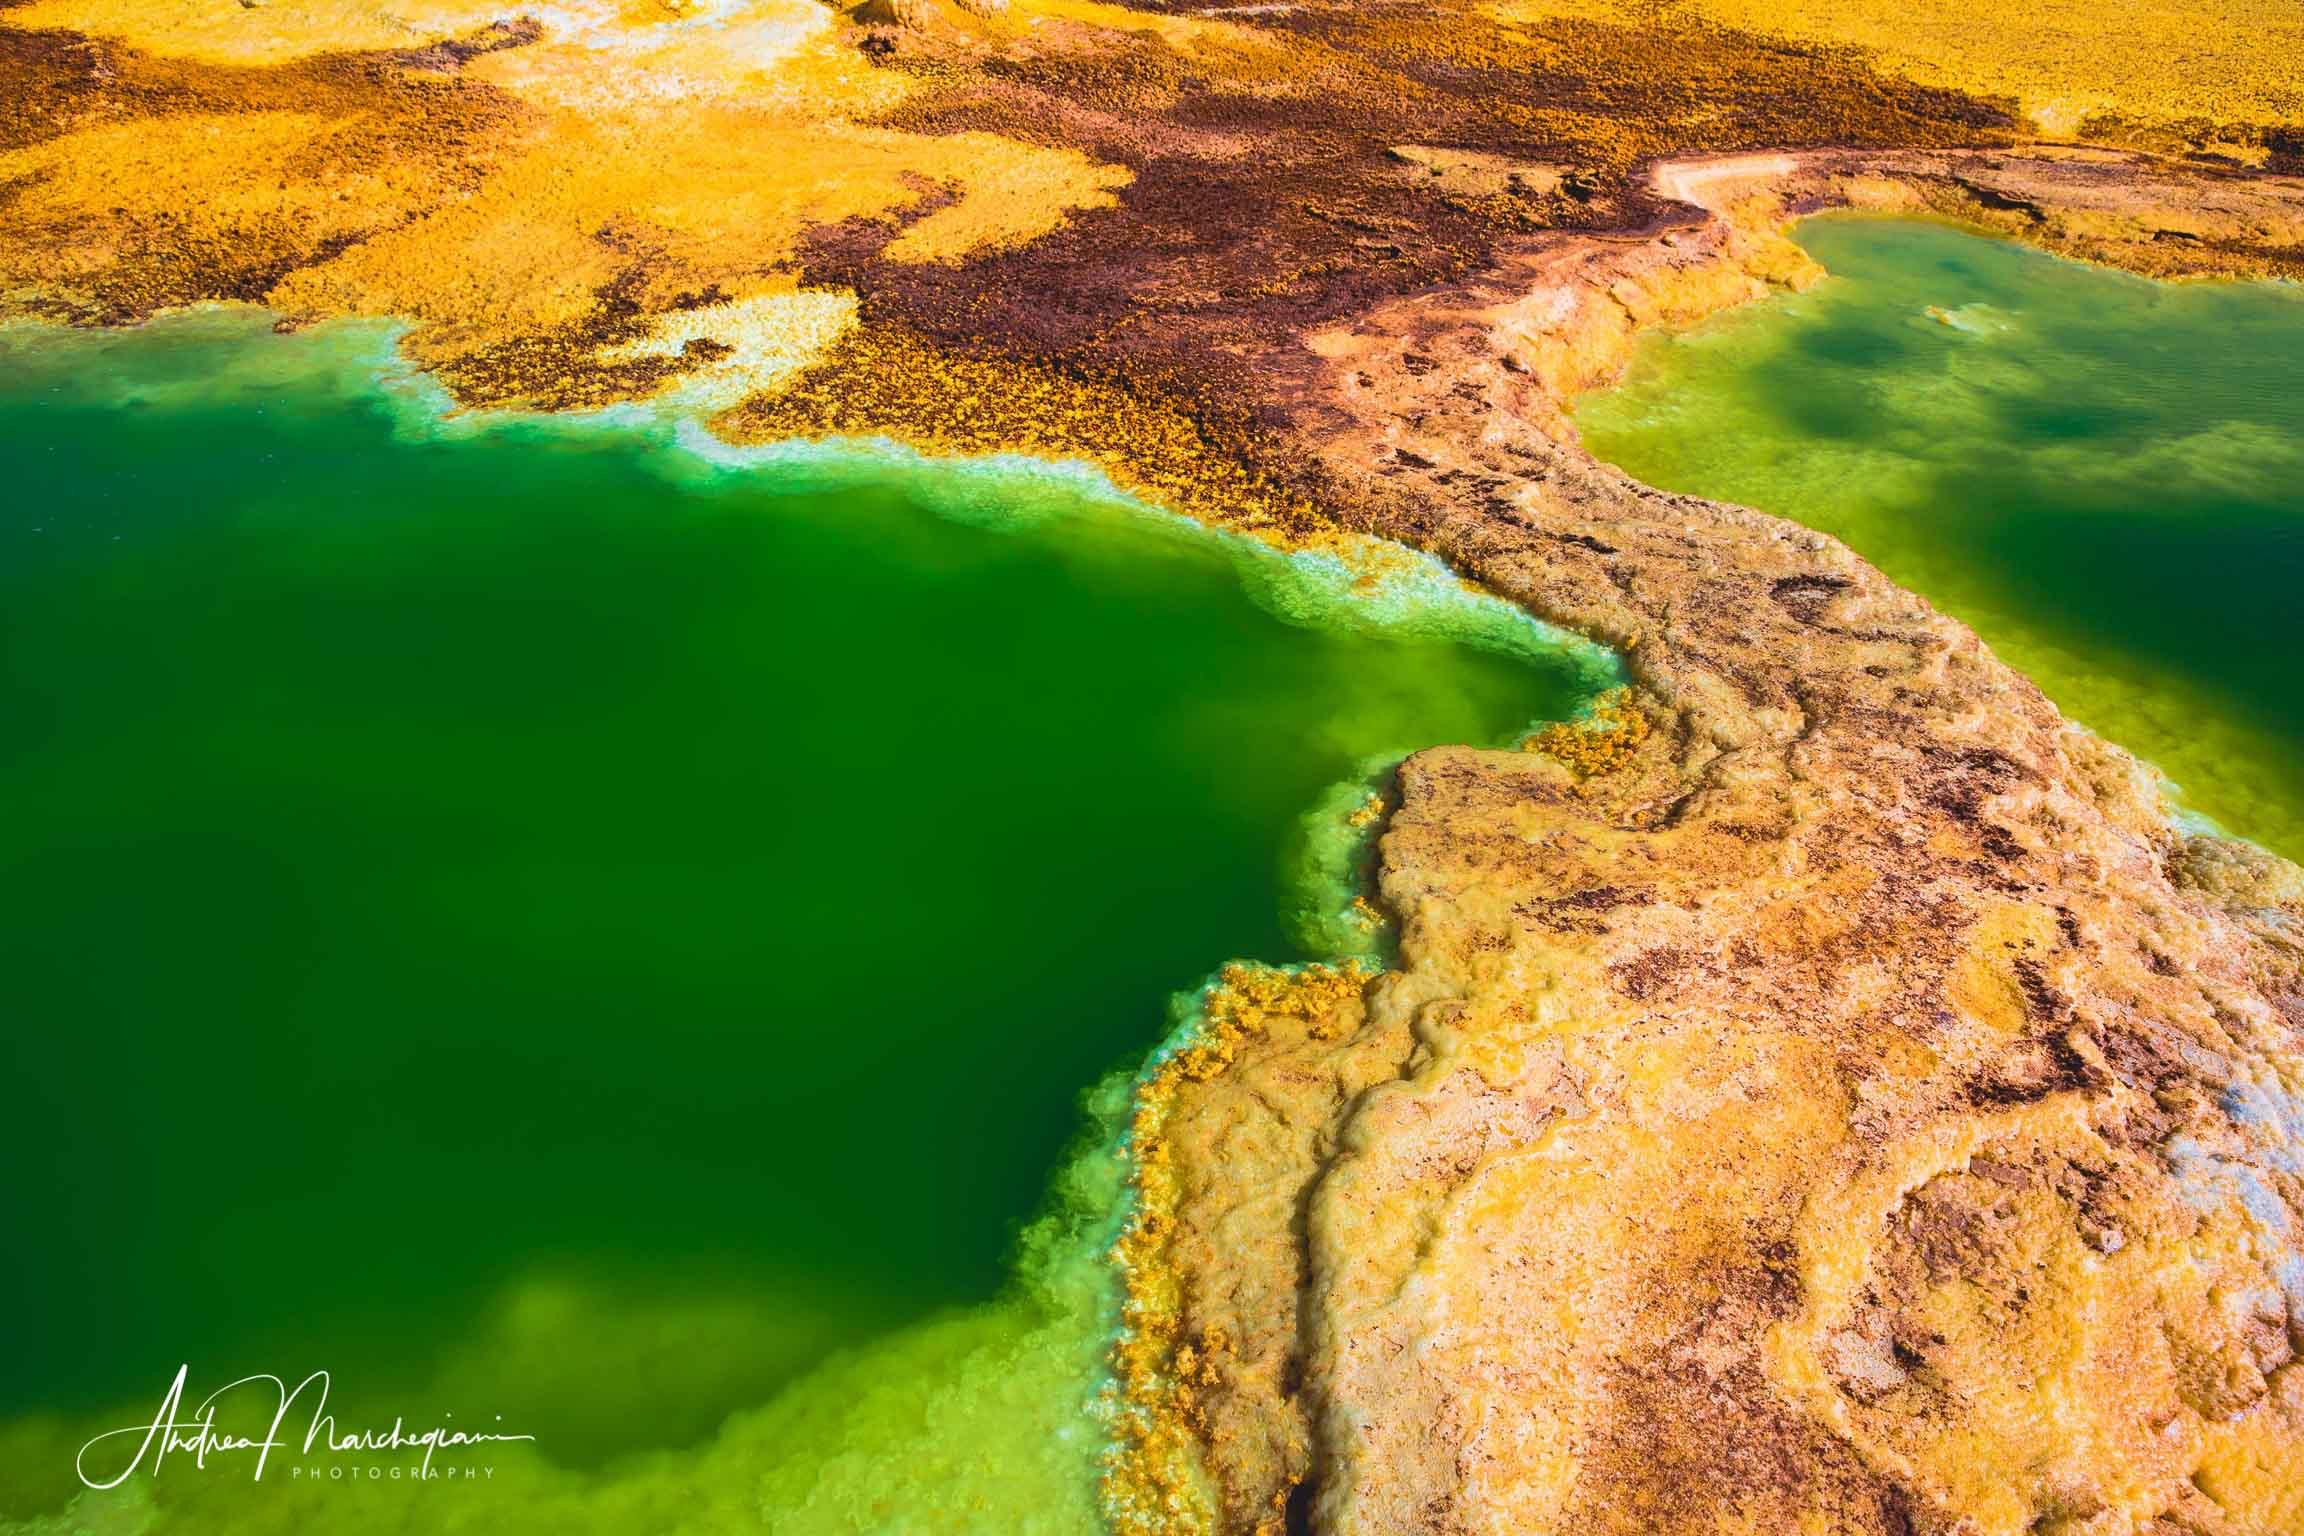 Particolare, Dallol Vulcano, Dancalia depressione, Etiopia